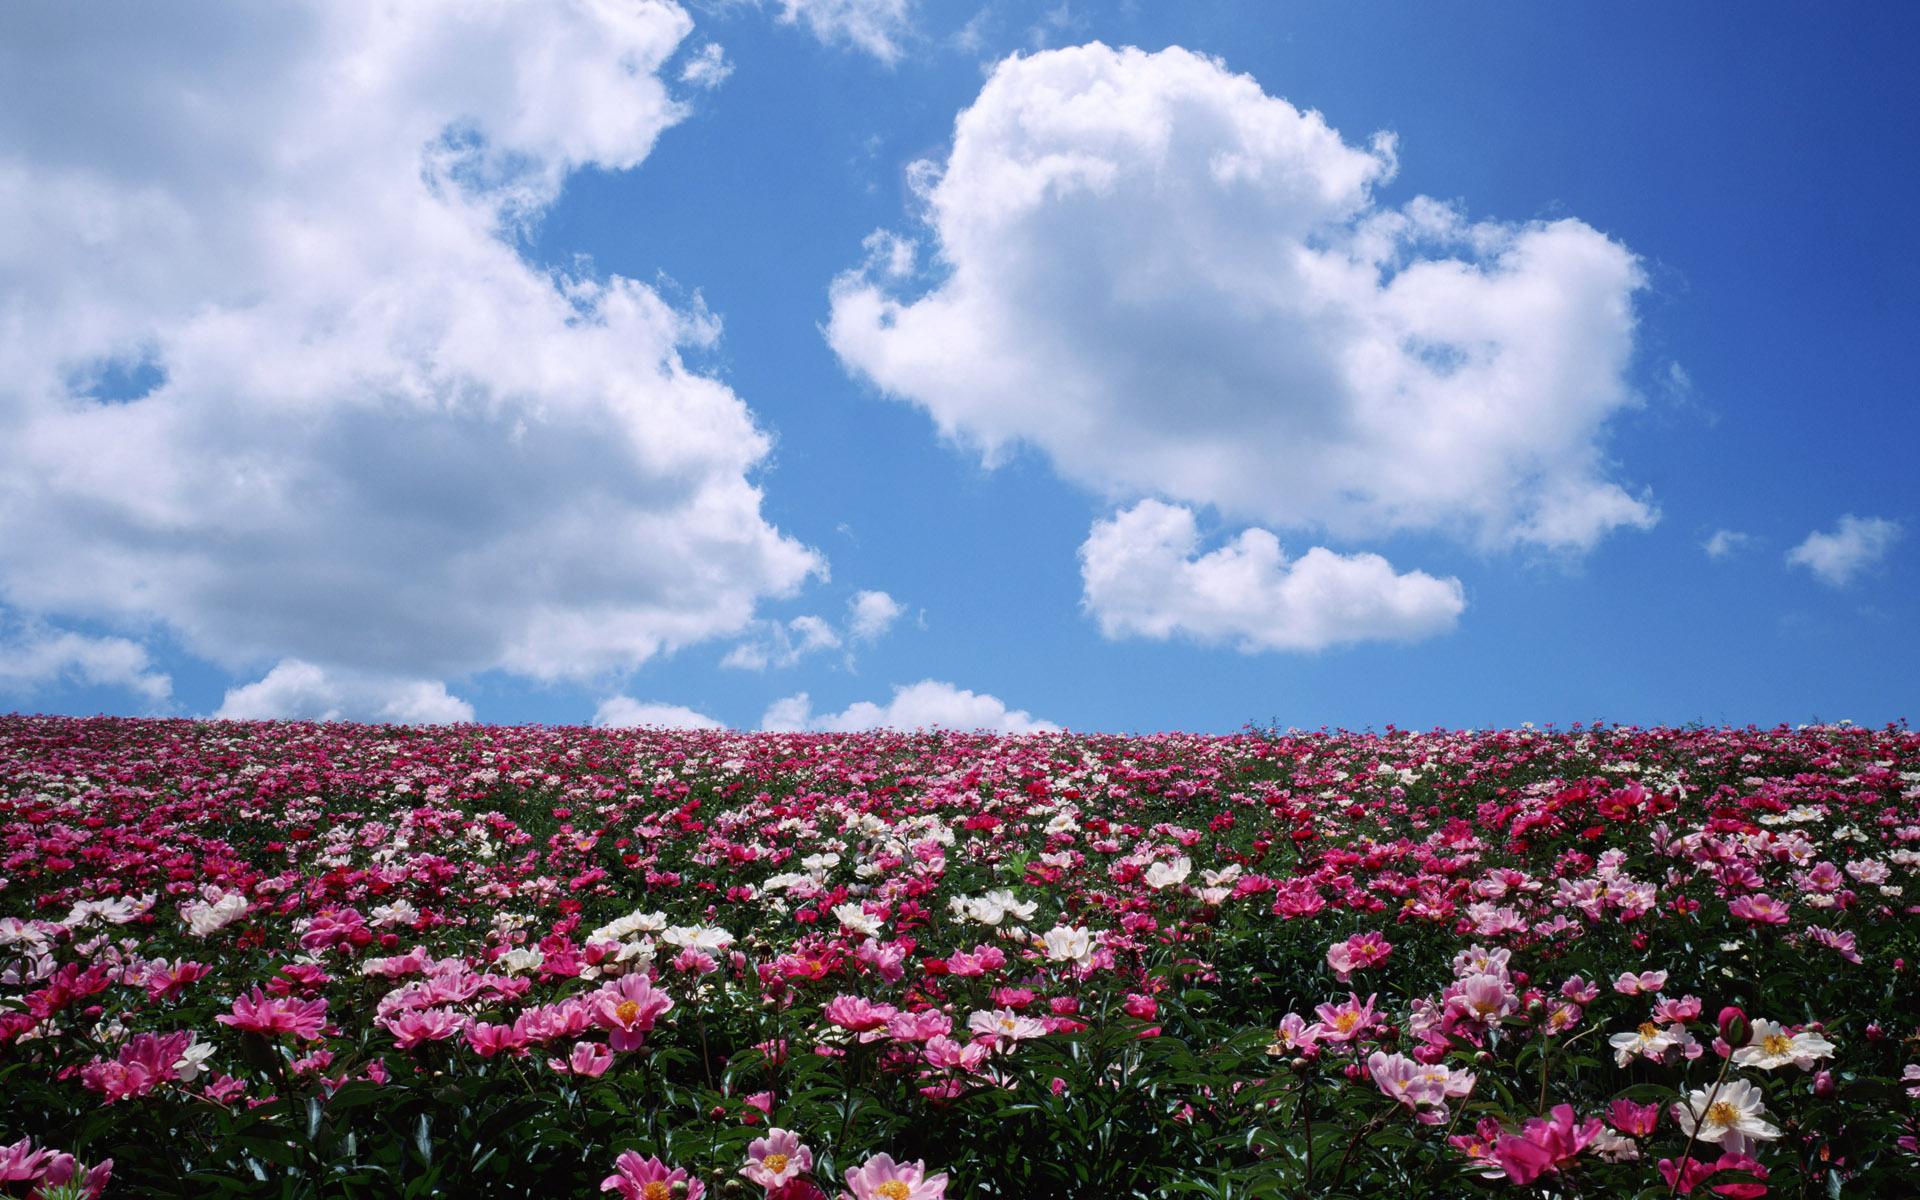 Картинки с цветочными полями